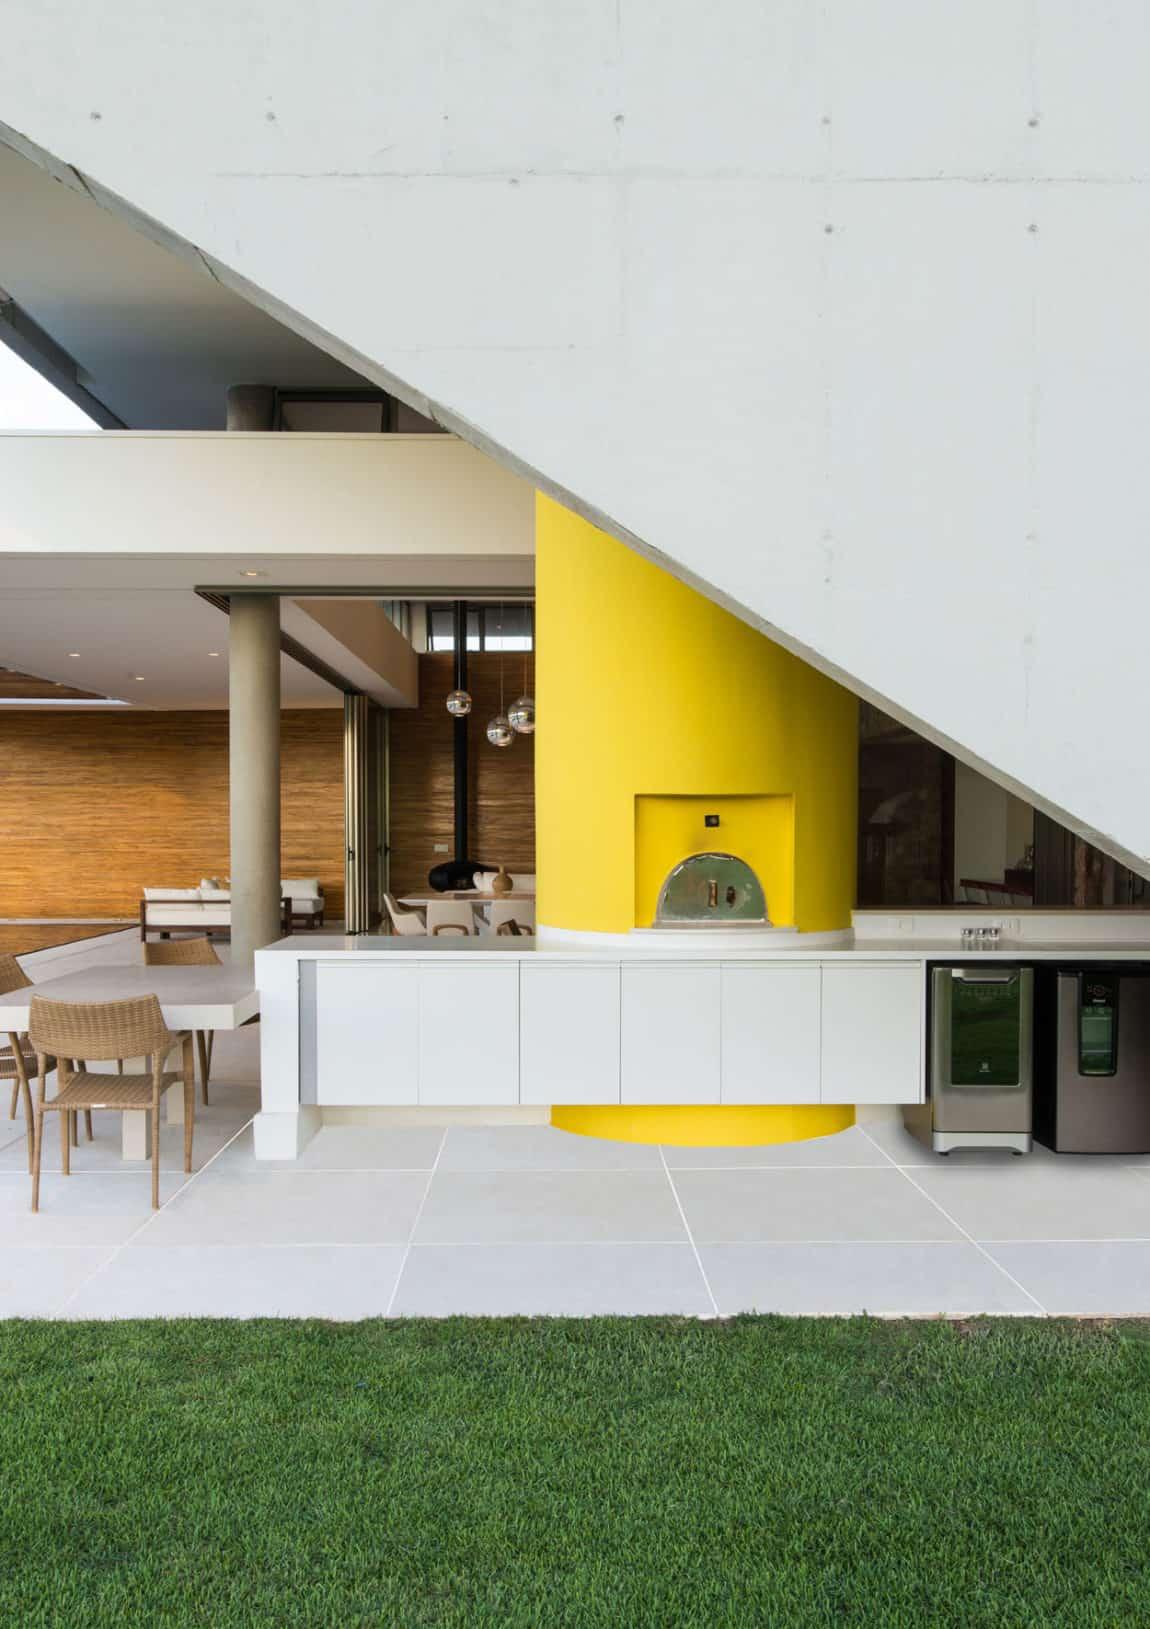 Residência RPII by Gustavo Arbex (16)